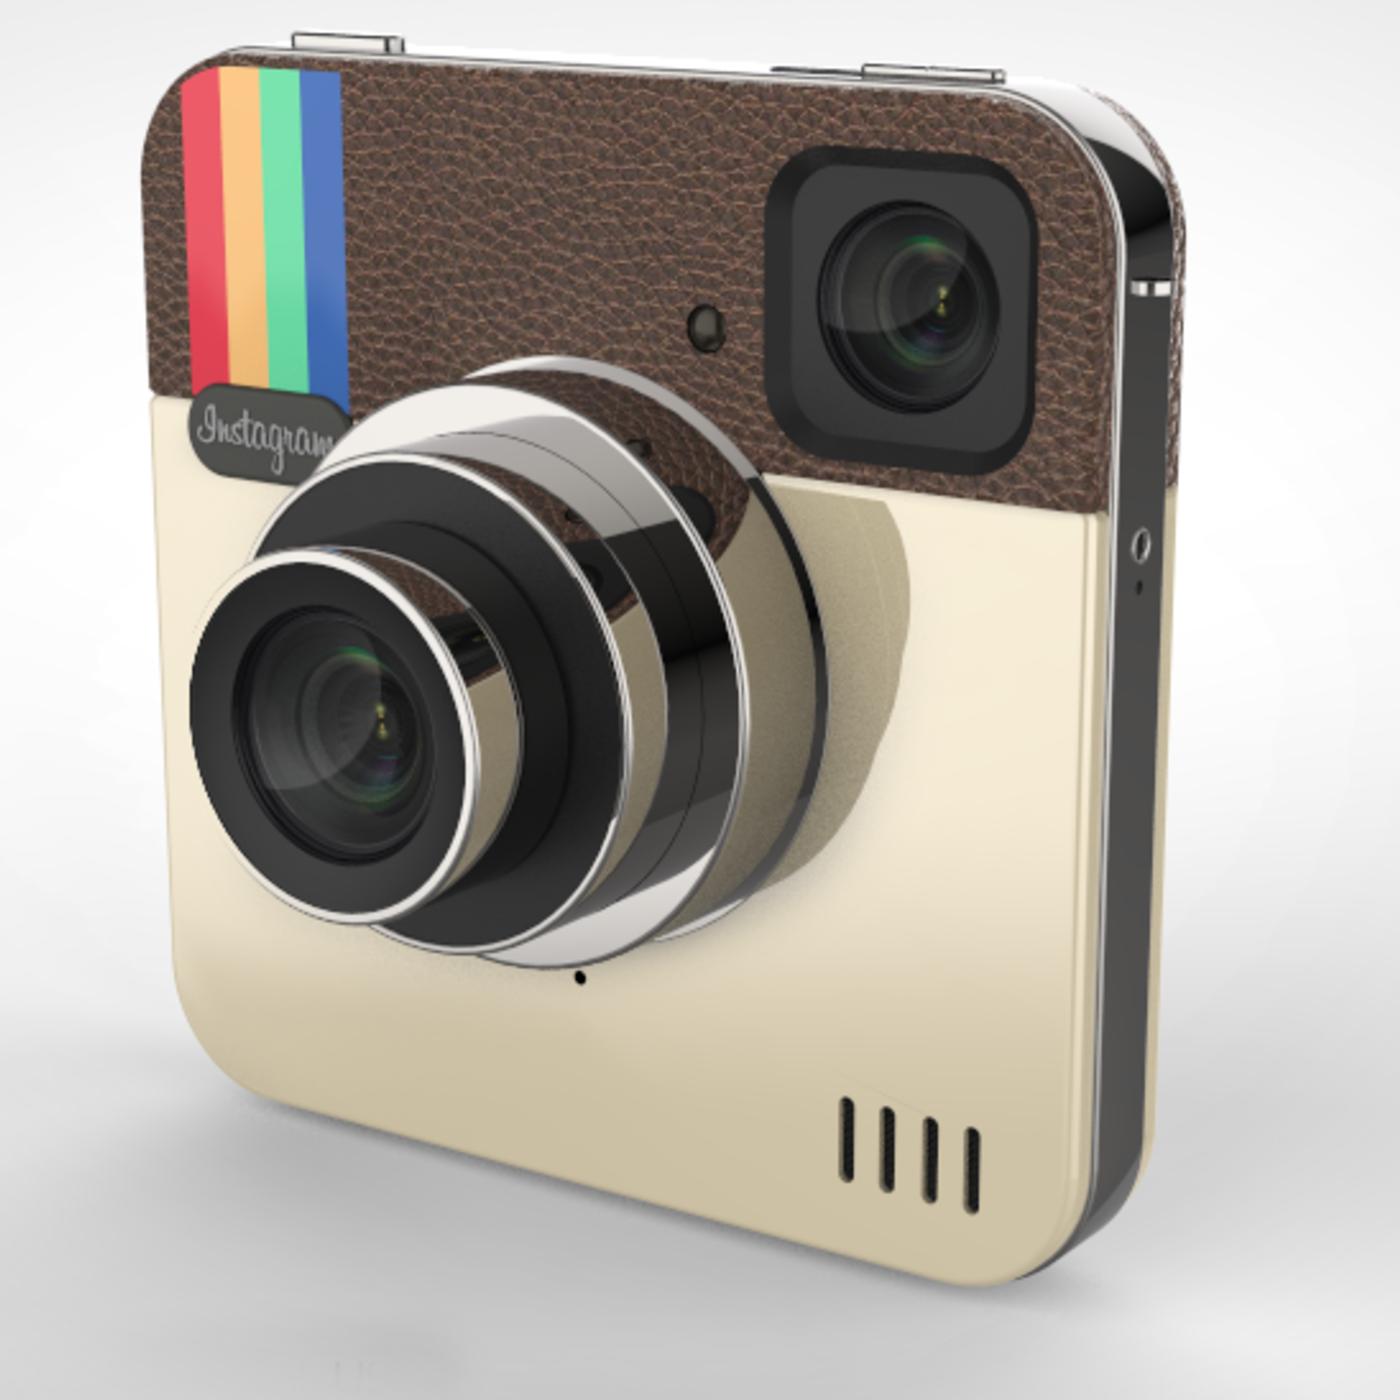 Camera Instagram 3D model